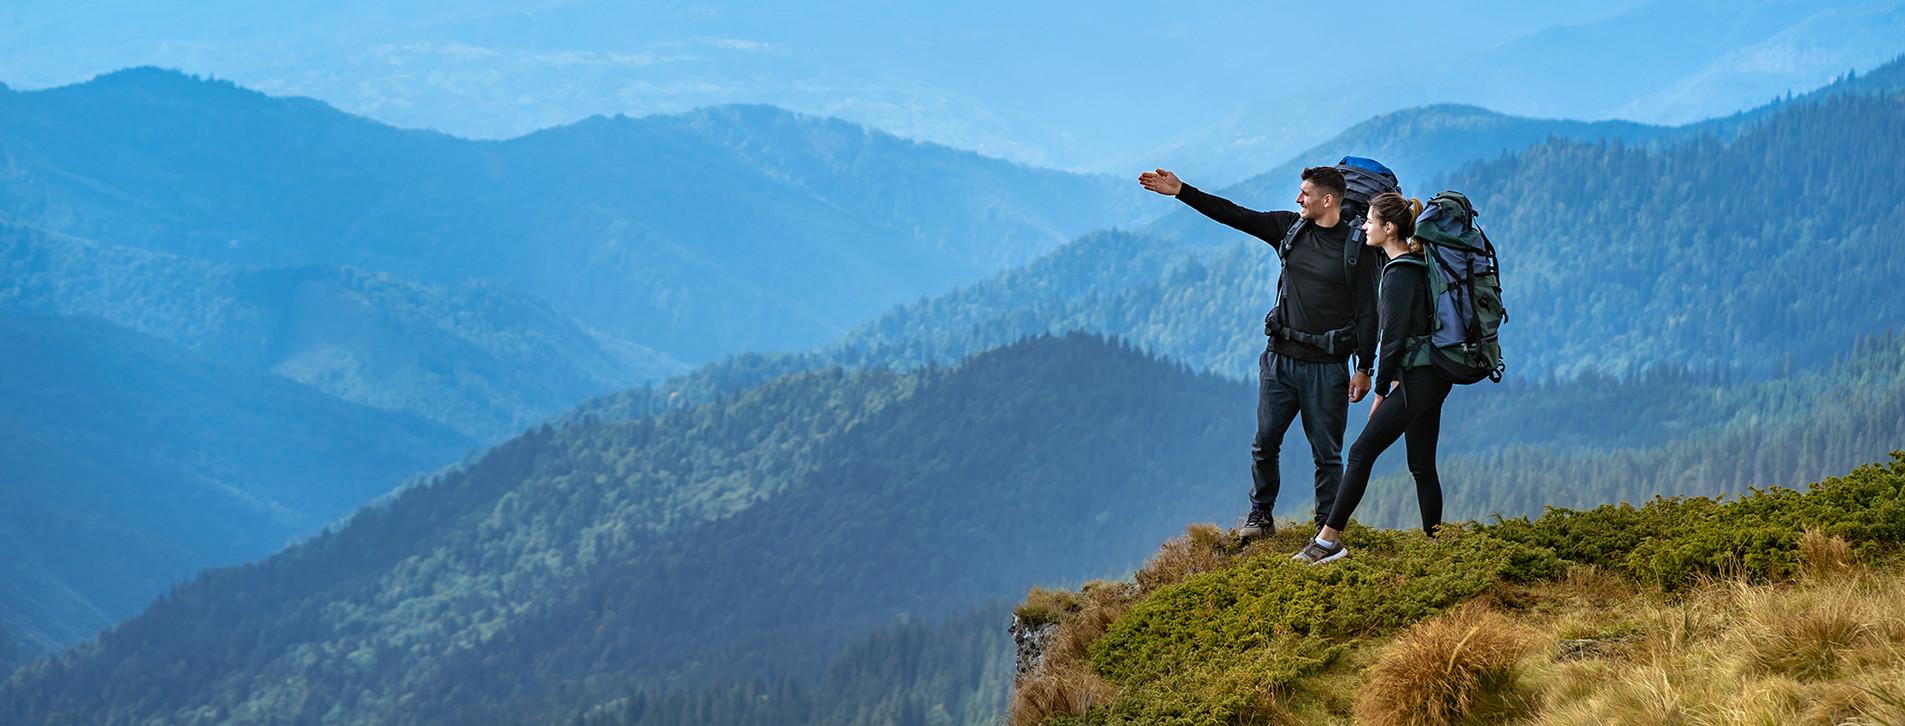 Фото - Поход в Карпатские горы